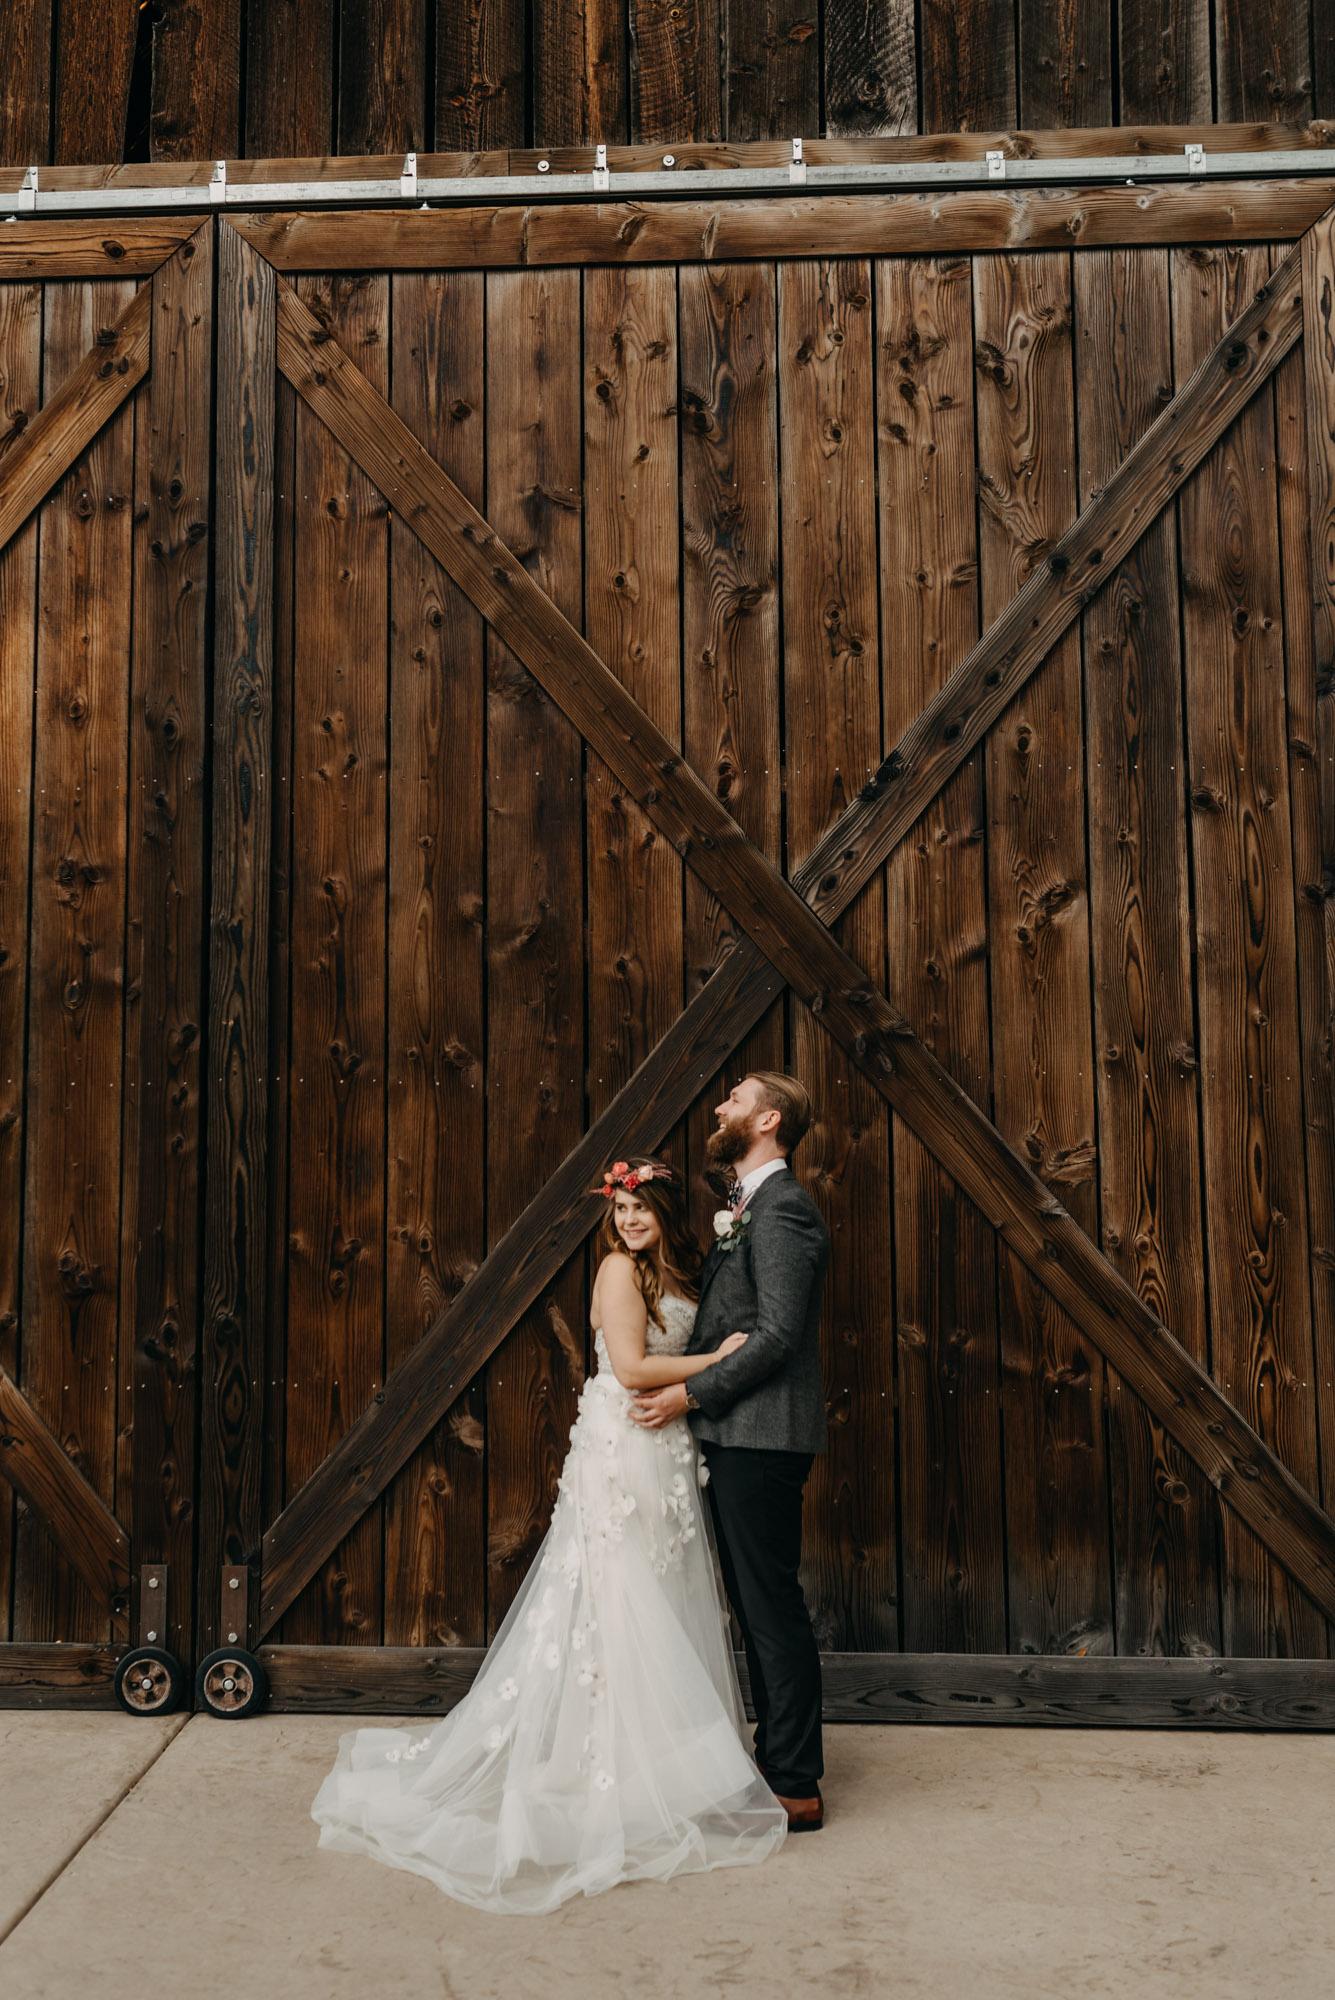 Outdoor-First-Look-Washington-Wedding-Barn-Door-8119.jpg